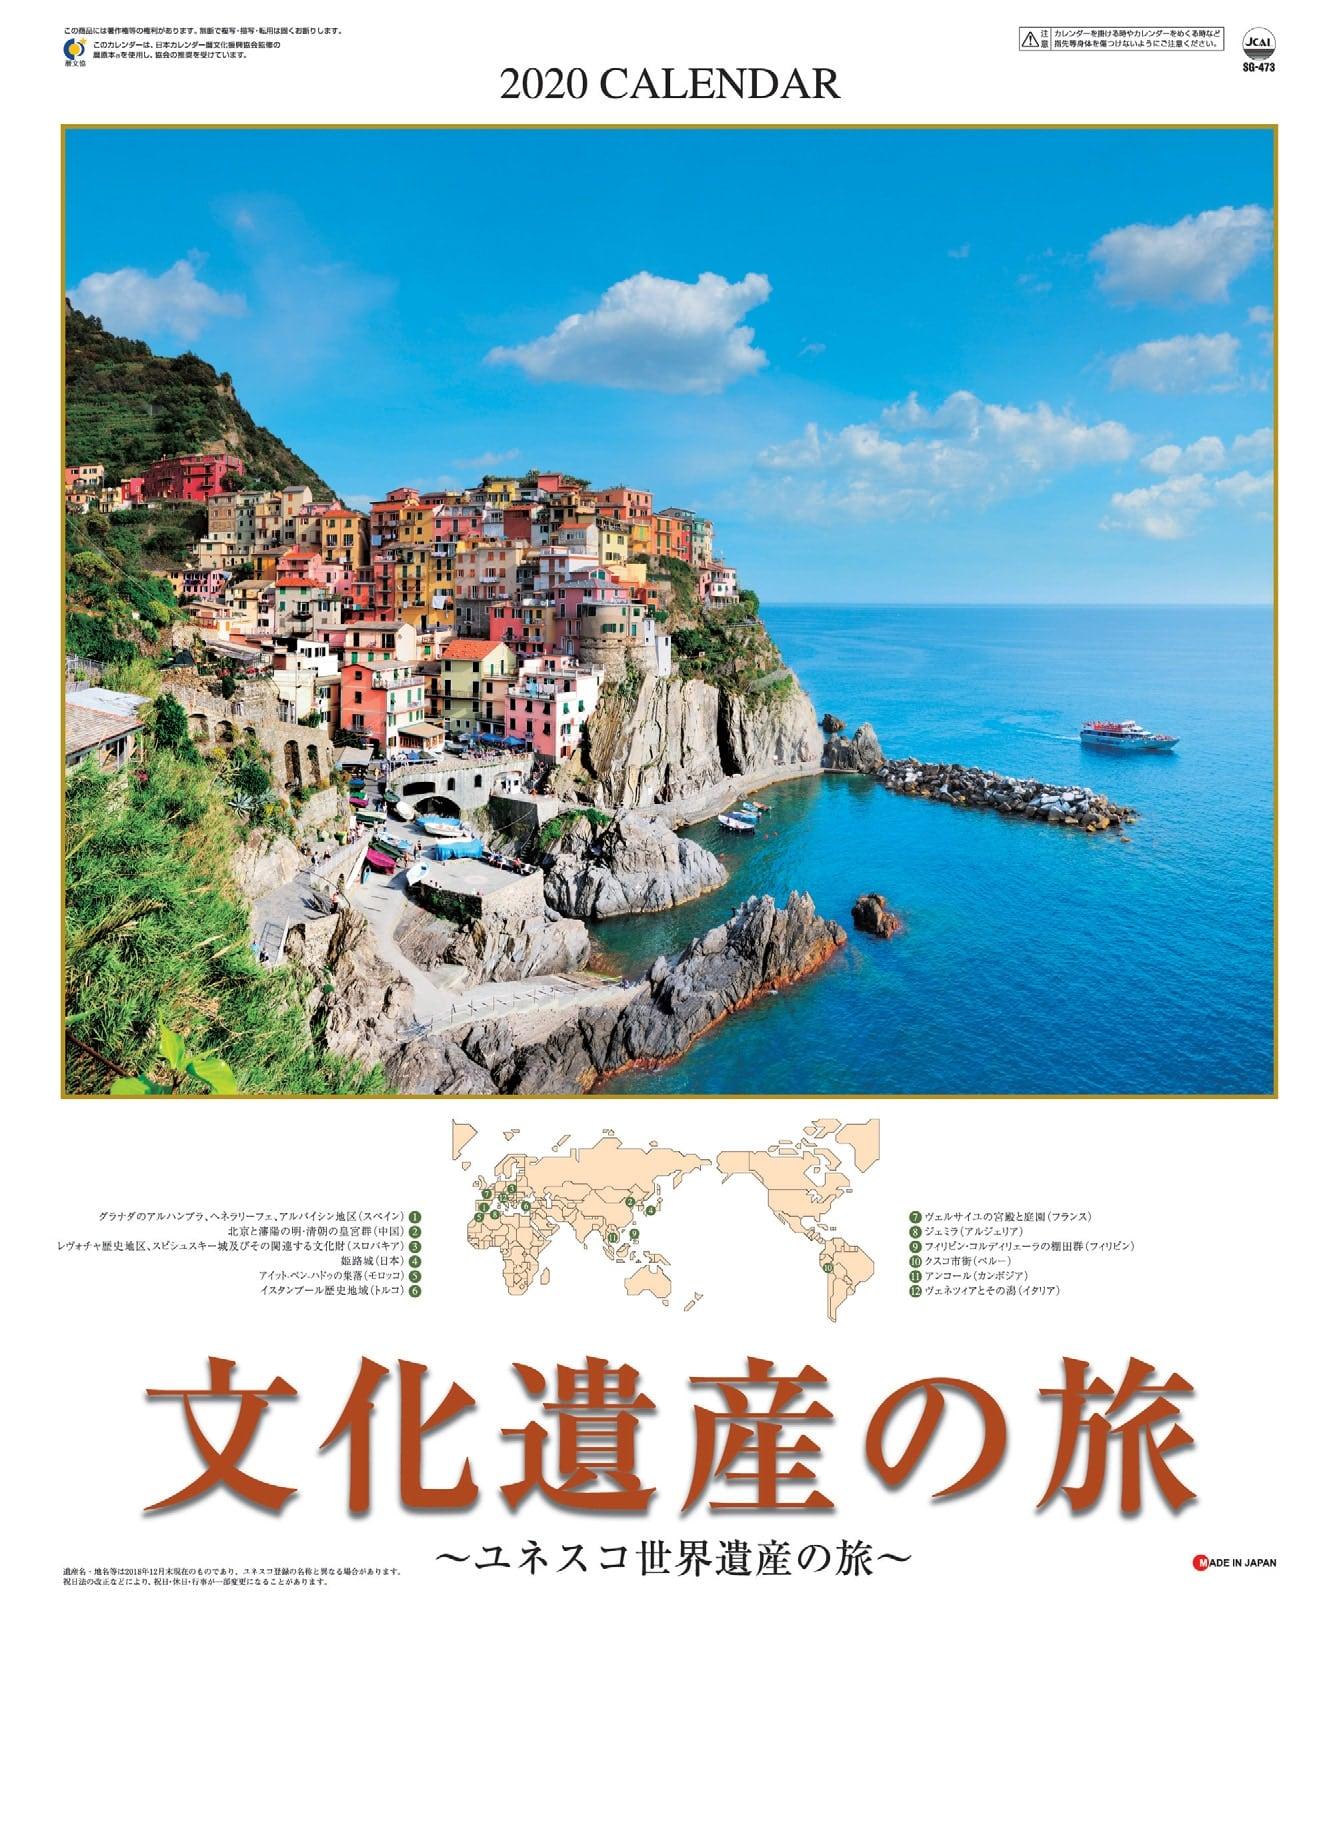 文化遺産の旅(ユネスコ世界遺産) 2020年カレンダー